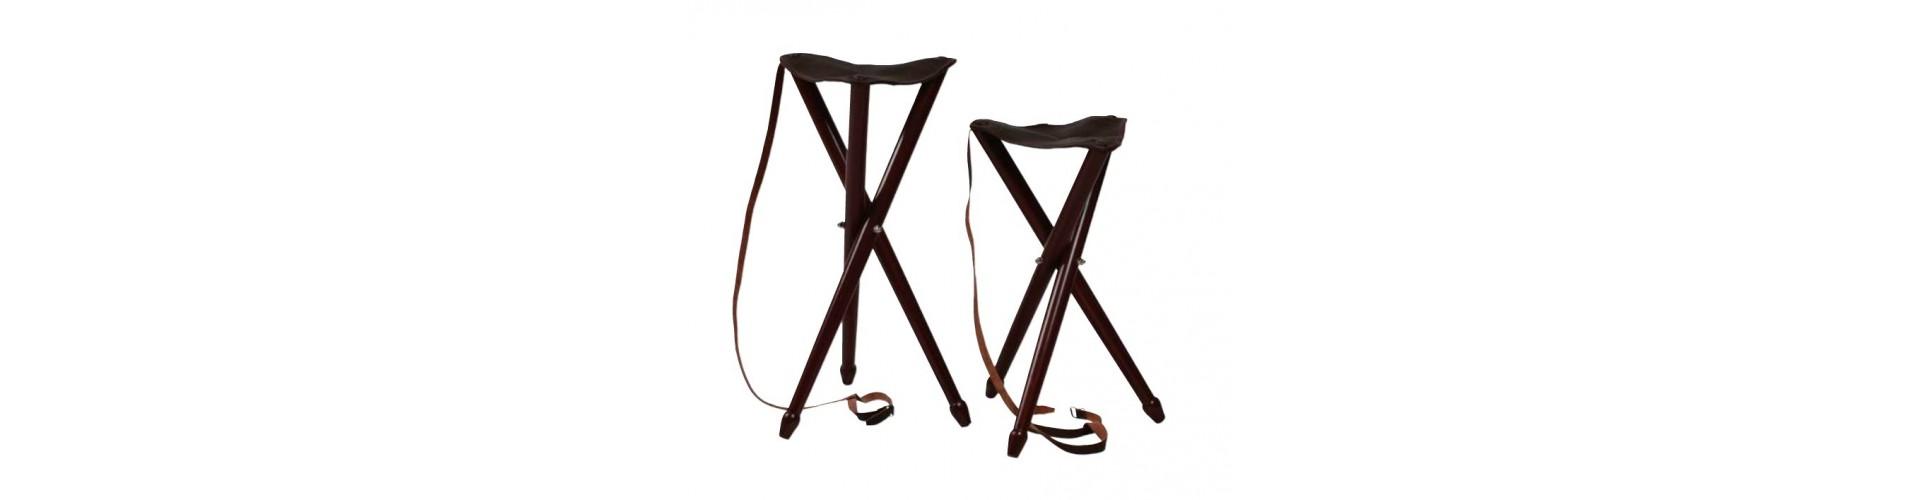 Jagtstole - Køb jagtstole med og uden ryglæn og rygsæk